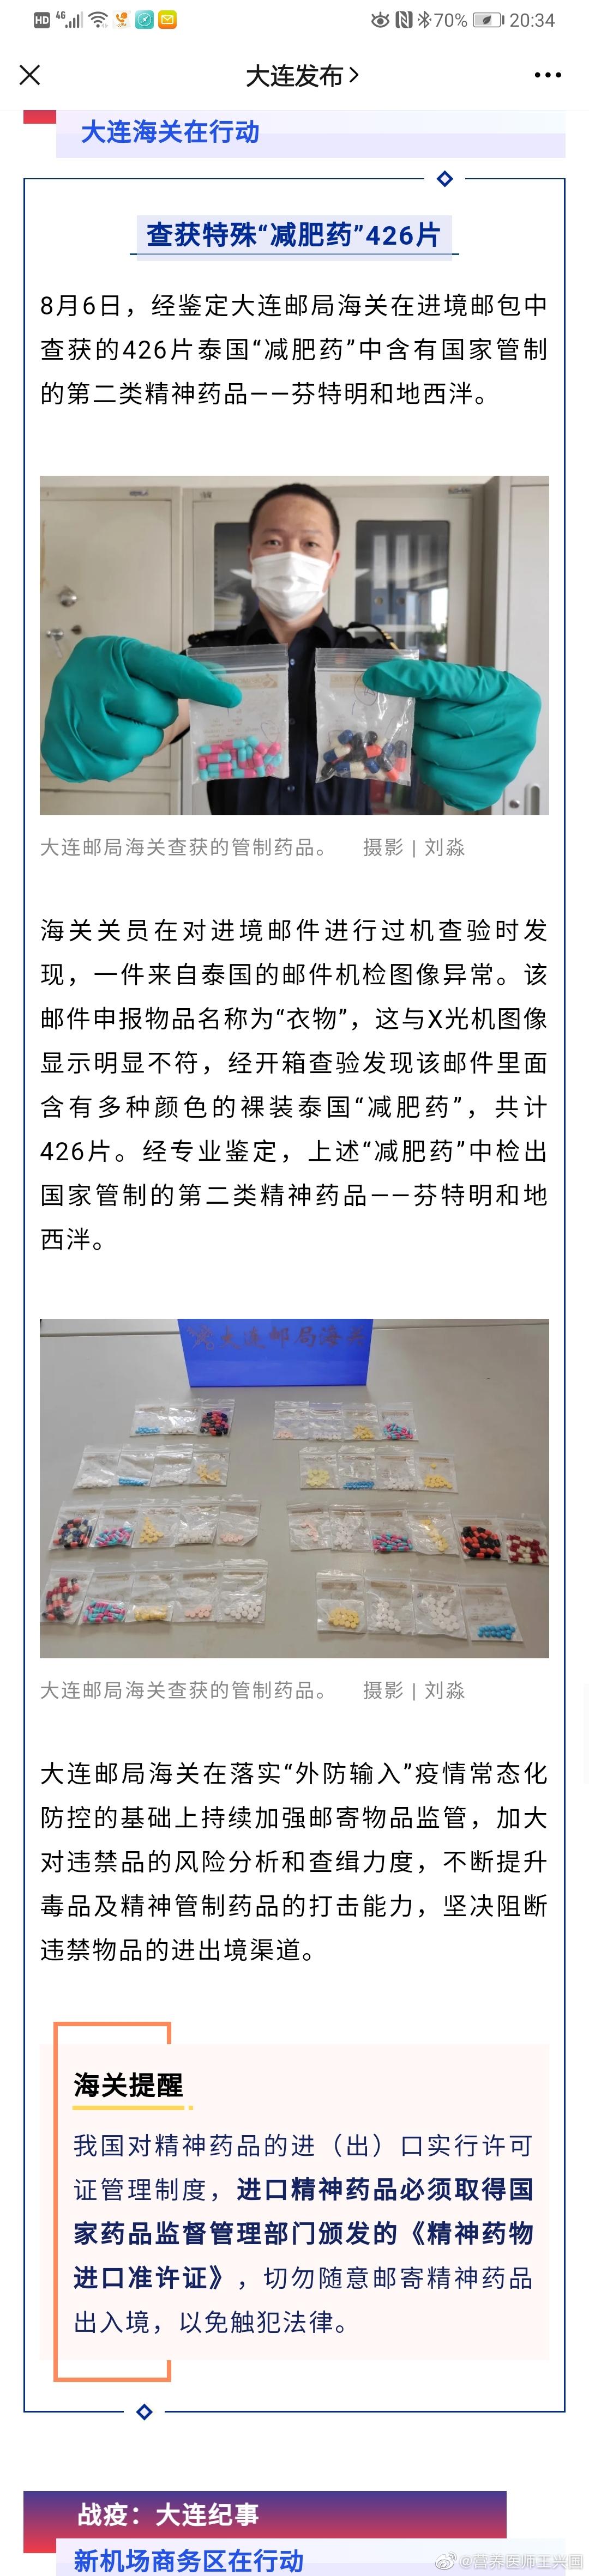 """大连邮局海关在进境邮包中查获的426片泰国""""减肥药"""""""